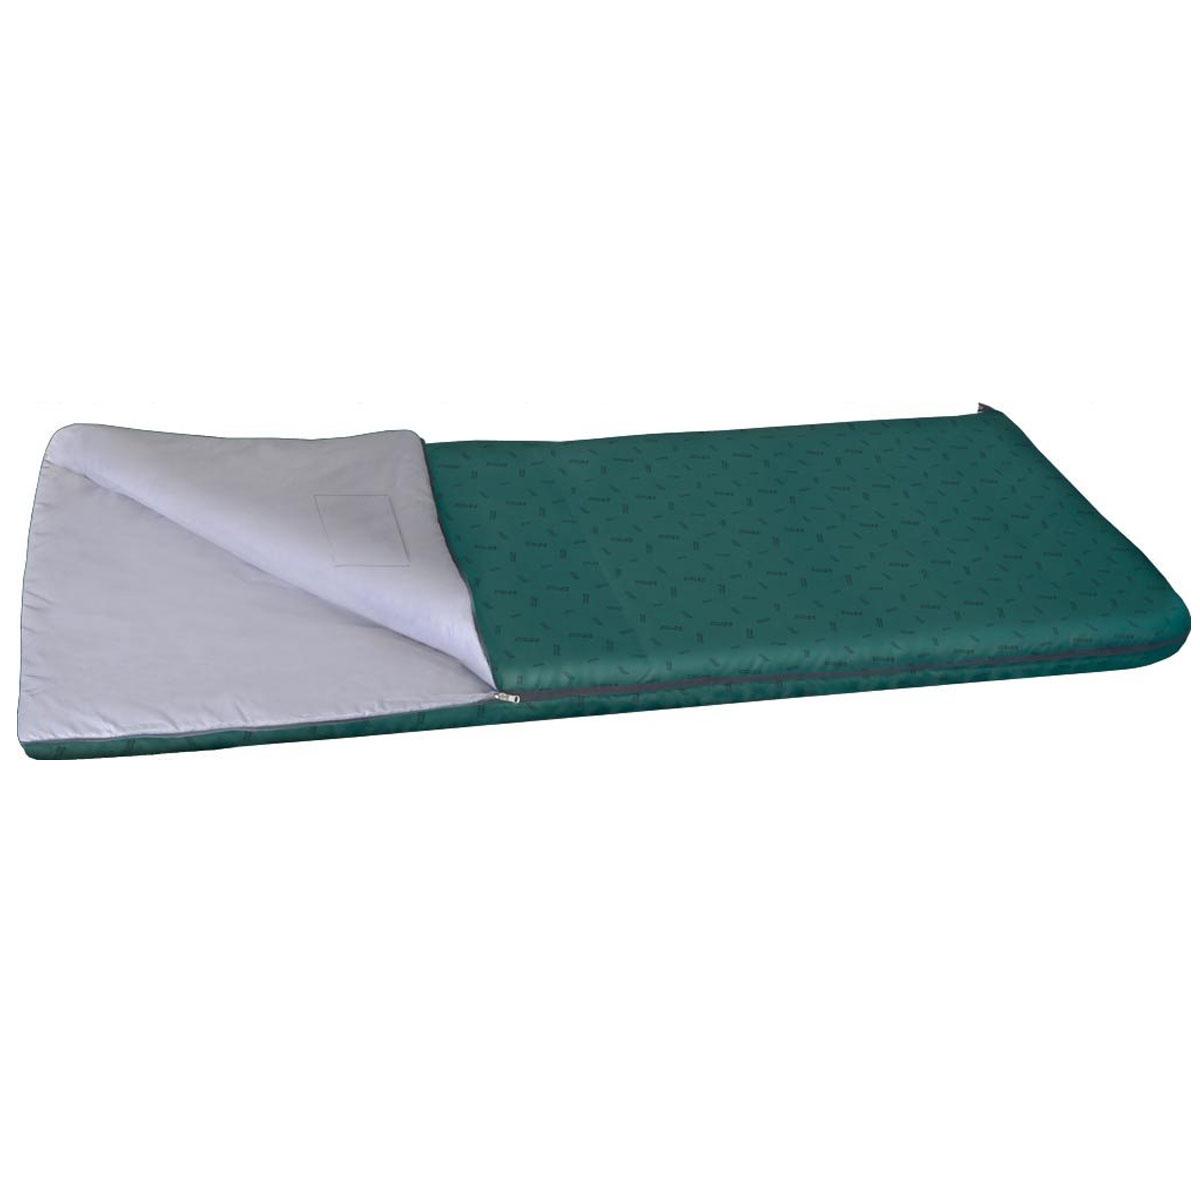 Спальный мешок NOVA TOUR Валдай 450, левосторонняя молния, цвет: нави95211-306-00Комфортный демисезонный спальный мешок NOVA TOUR Валдай 450, трансформирующийся при необходимости в теплое одеяло.Спальный мешок серии весна-осень, конструкции одеяло с синтетическим наполнителем. Для уменьшения веса изготавливается без подголовника. Благодаря двухзамковой молнии, имеется возможность состегнуть два спальника в один двойной. Для сушки и проветривания изделия предусмотрены две петли в нижней части мешка. Компрессионный мешок в комплекте.